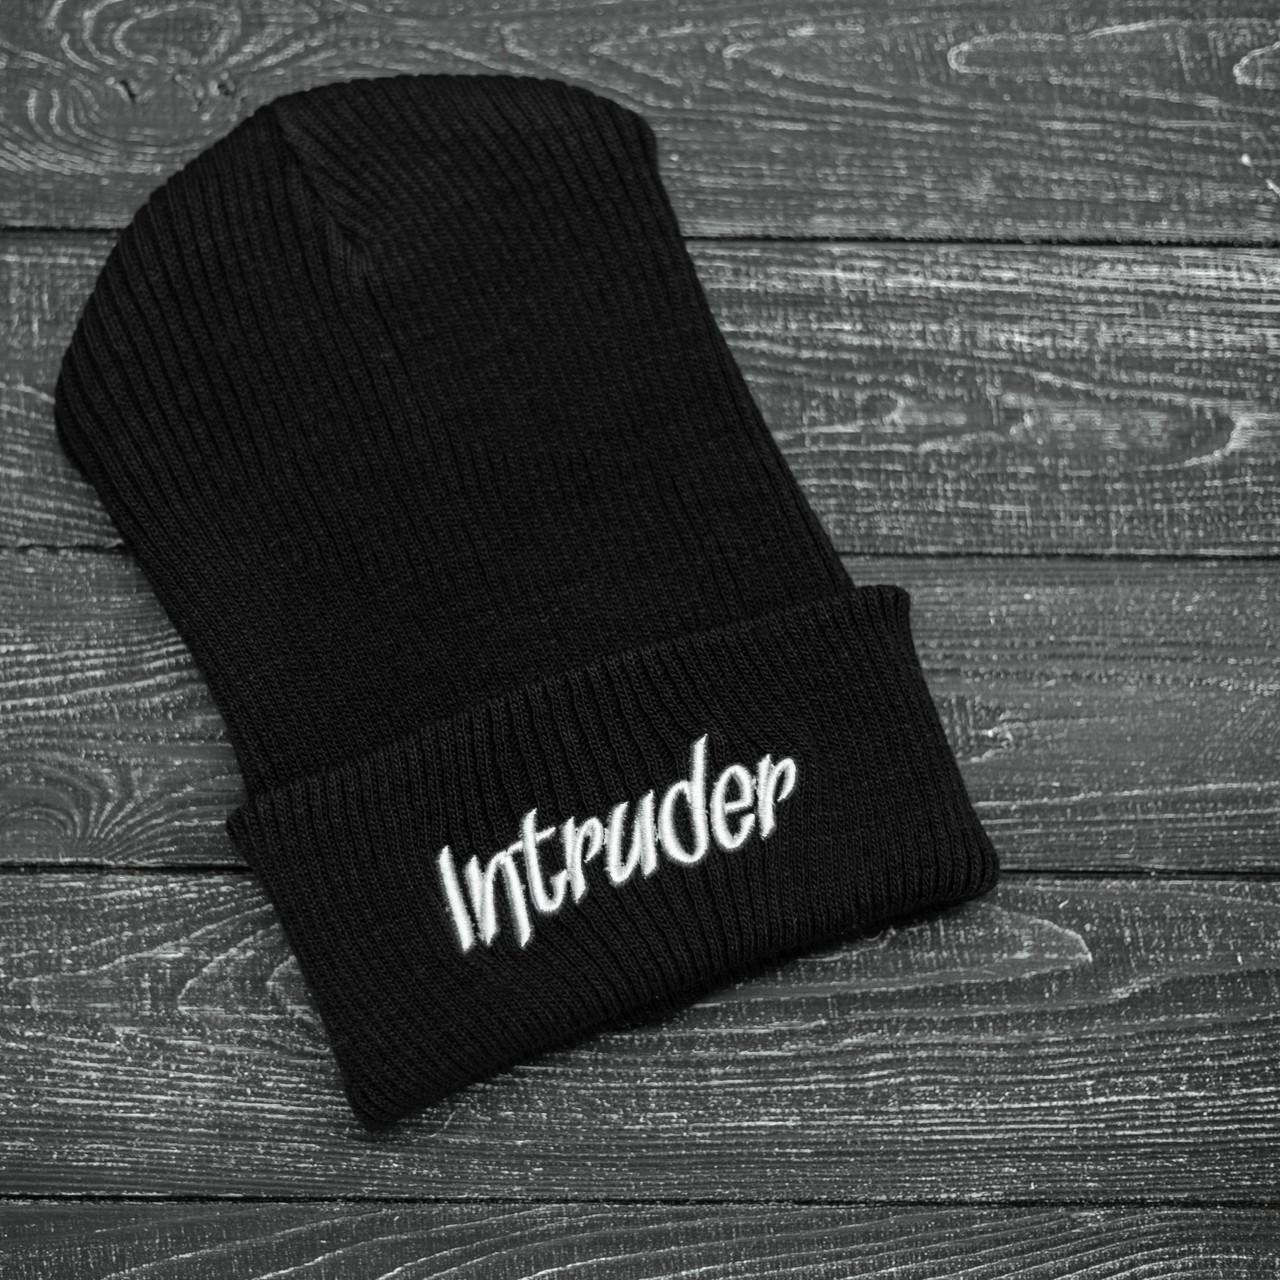 Шапка Мужская/Женская Intruder зимняя big logo черная Intruder